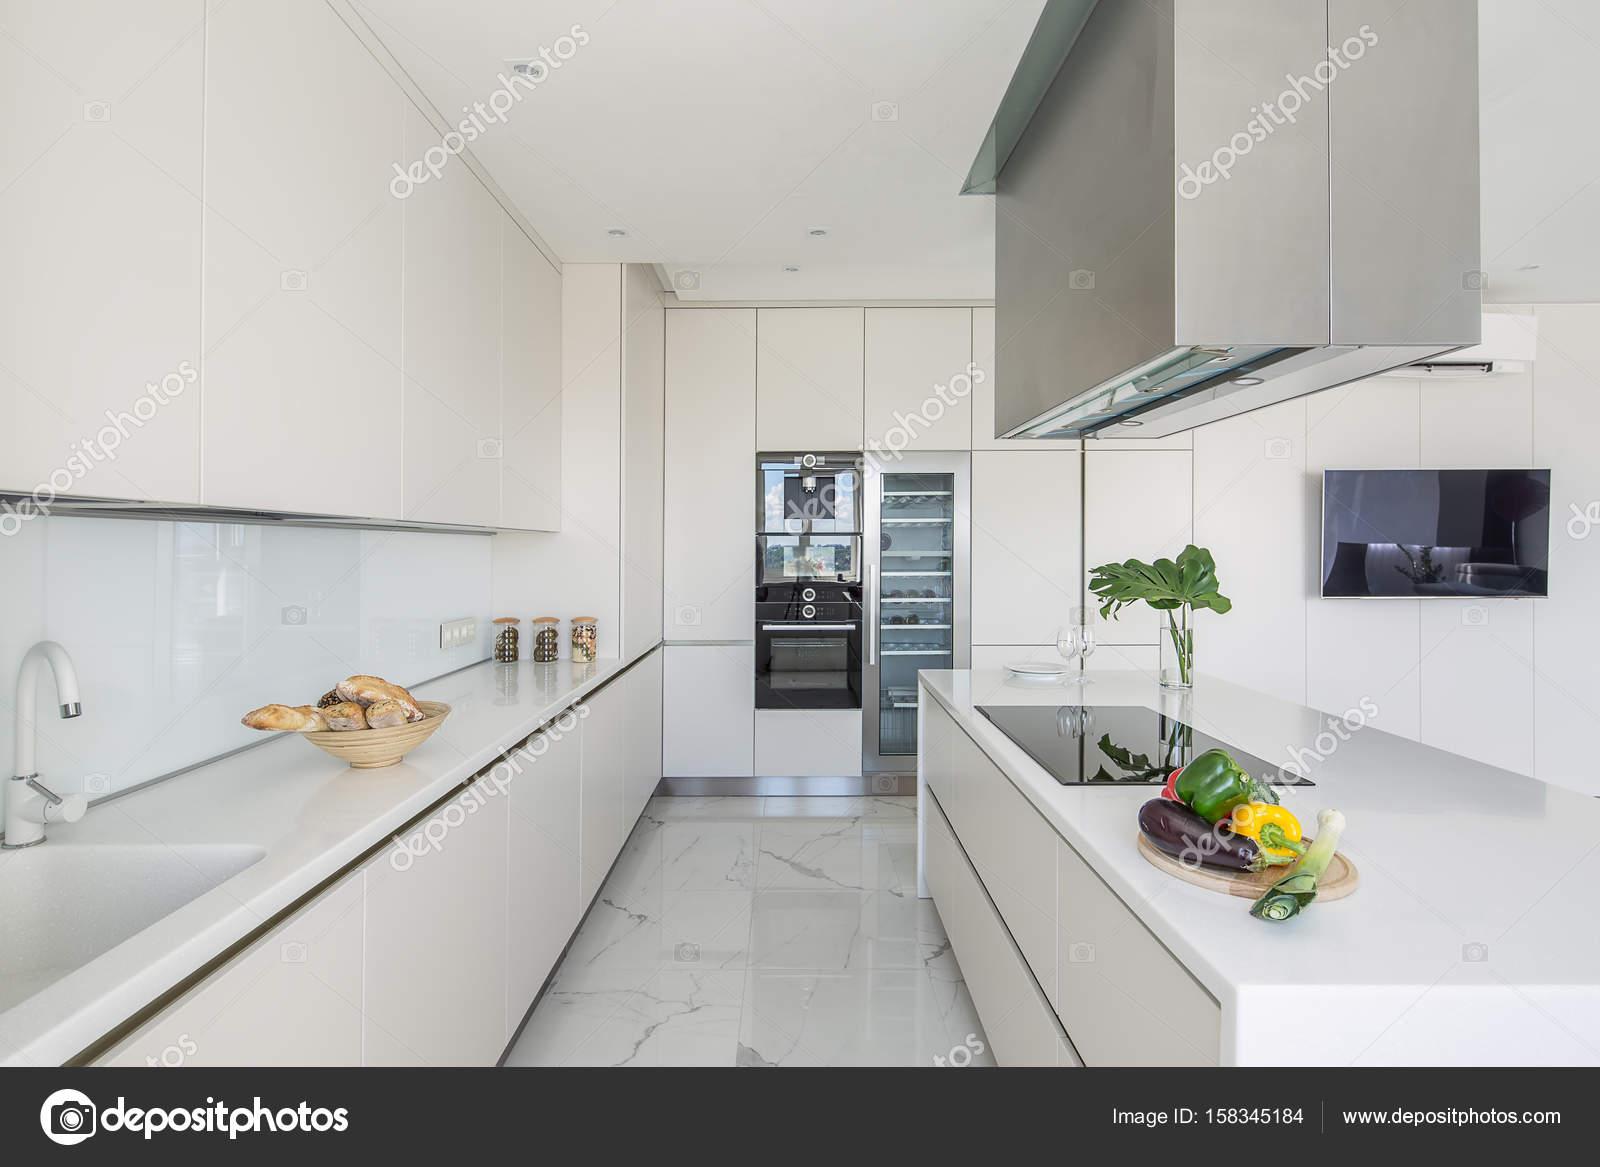 Cozinha Em Estilo Moderno Stock Photo Bezikus 158345184